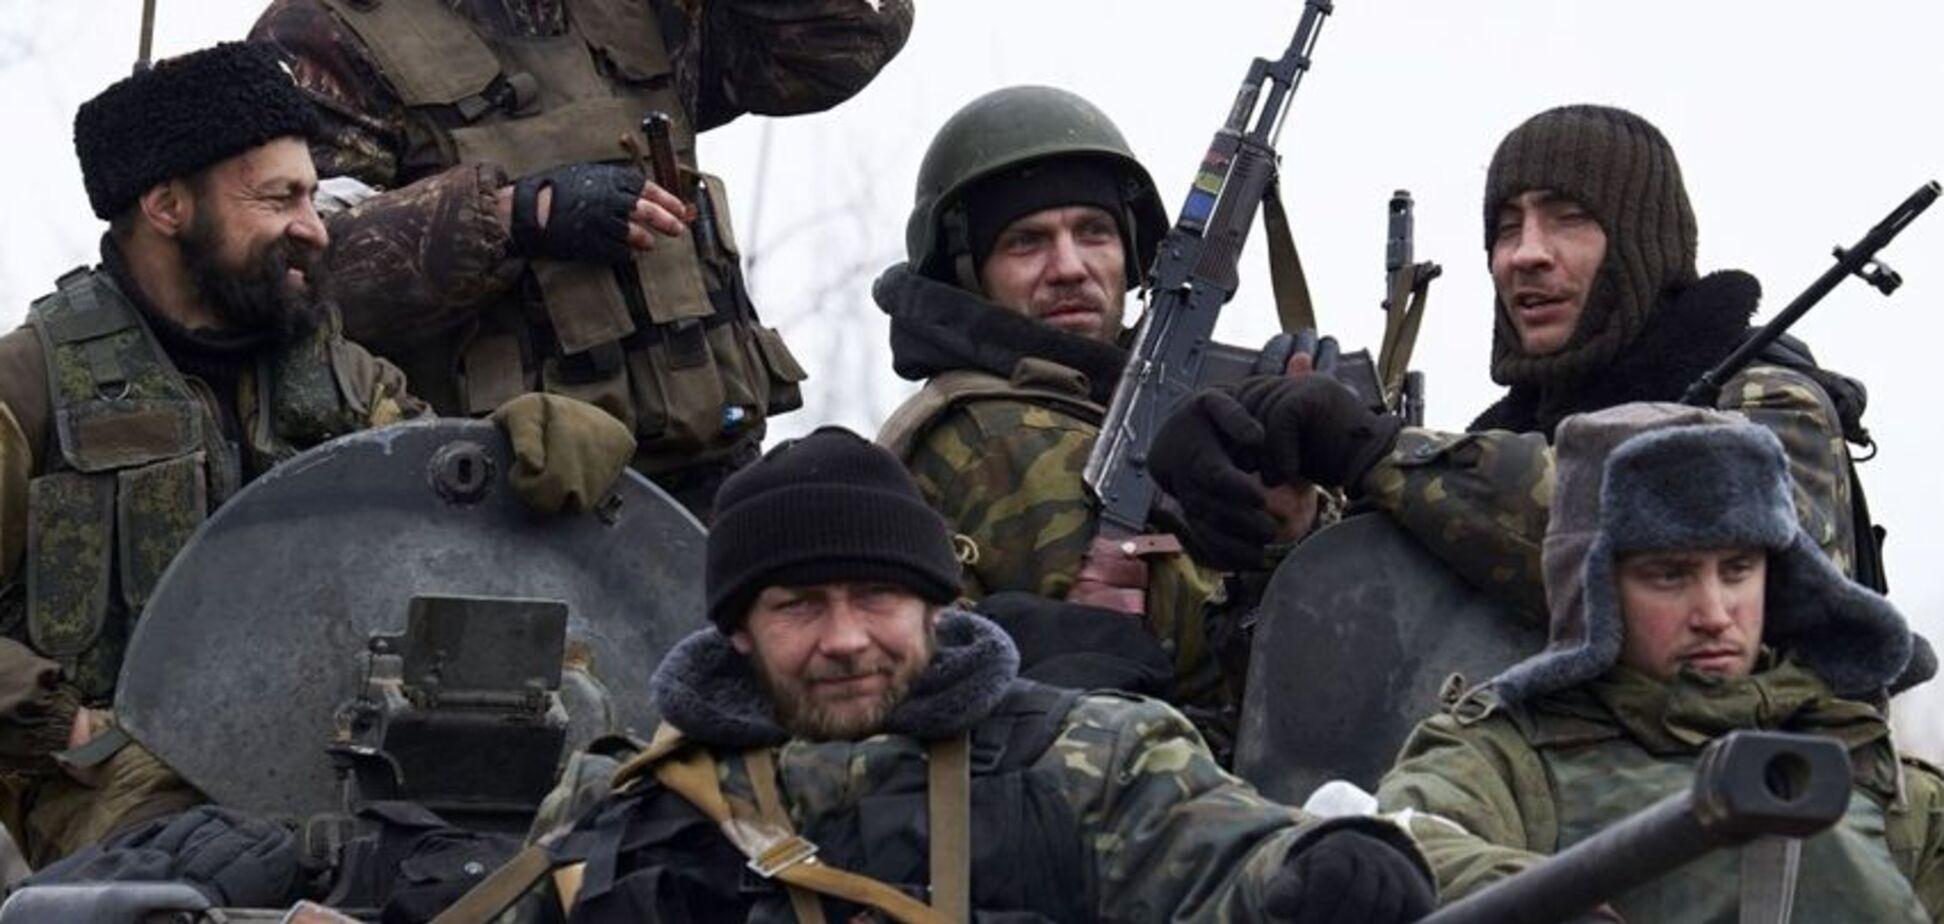 На росТБ розмріялися про похід ''ДНР'' на Харків і Маріуполь